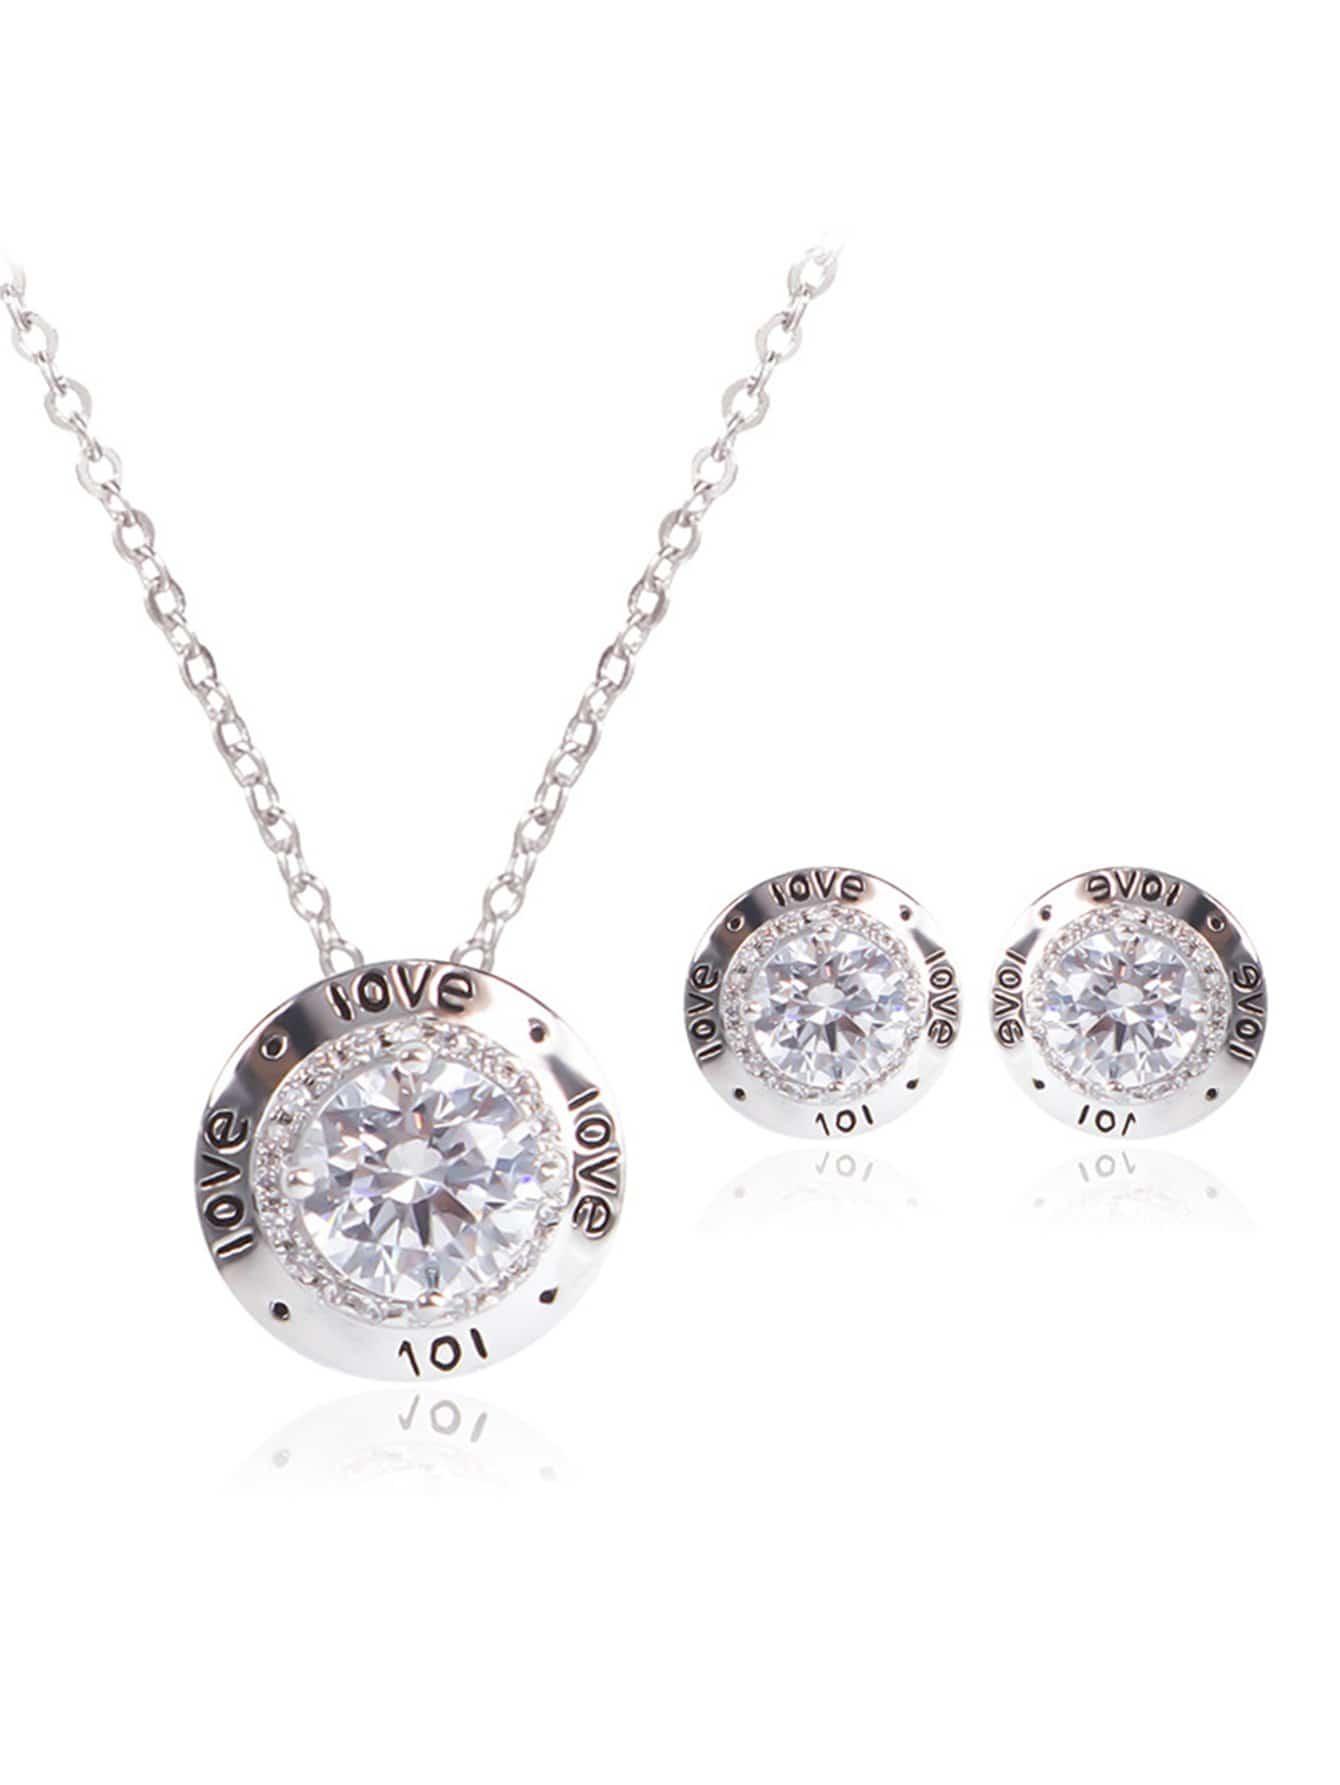 Rhinestone Necklace & 1pair Stud Earrings